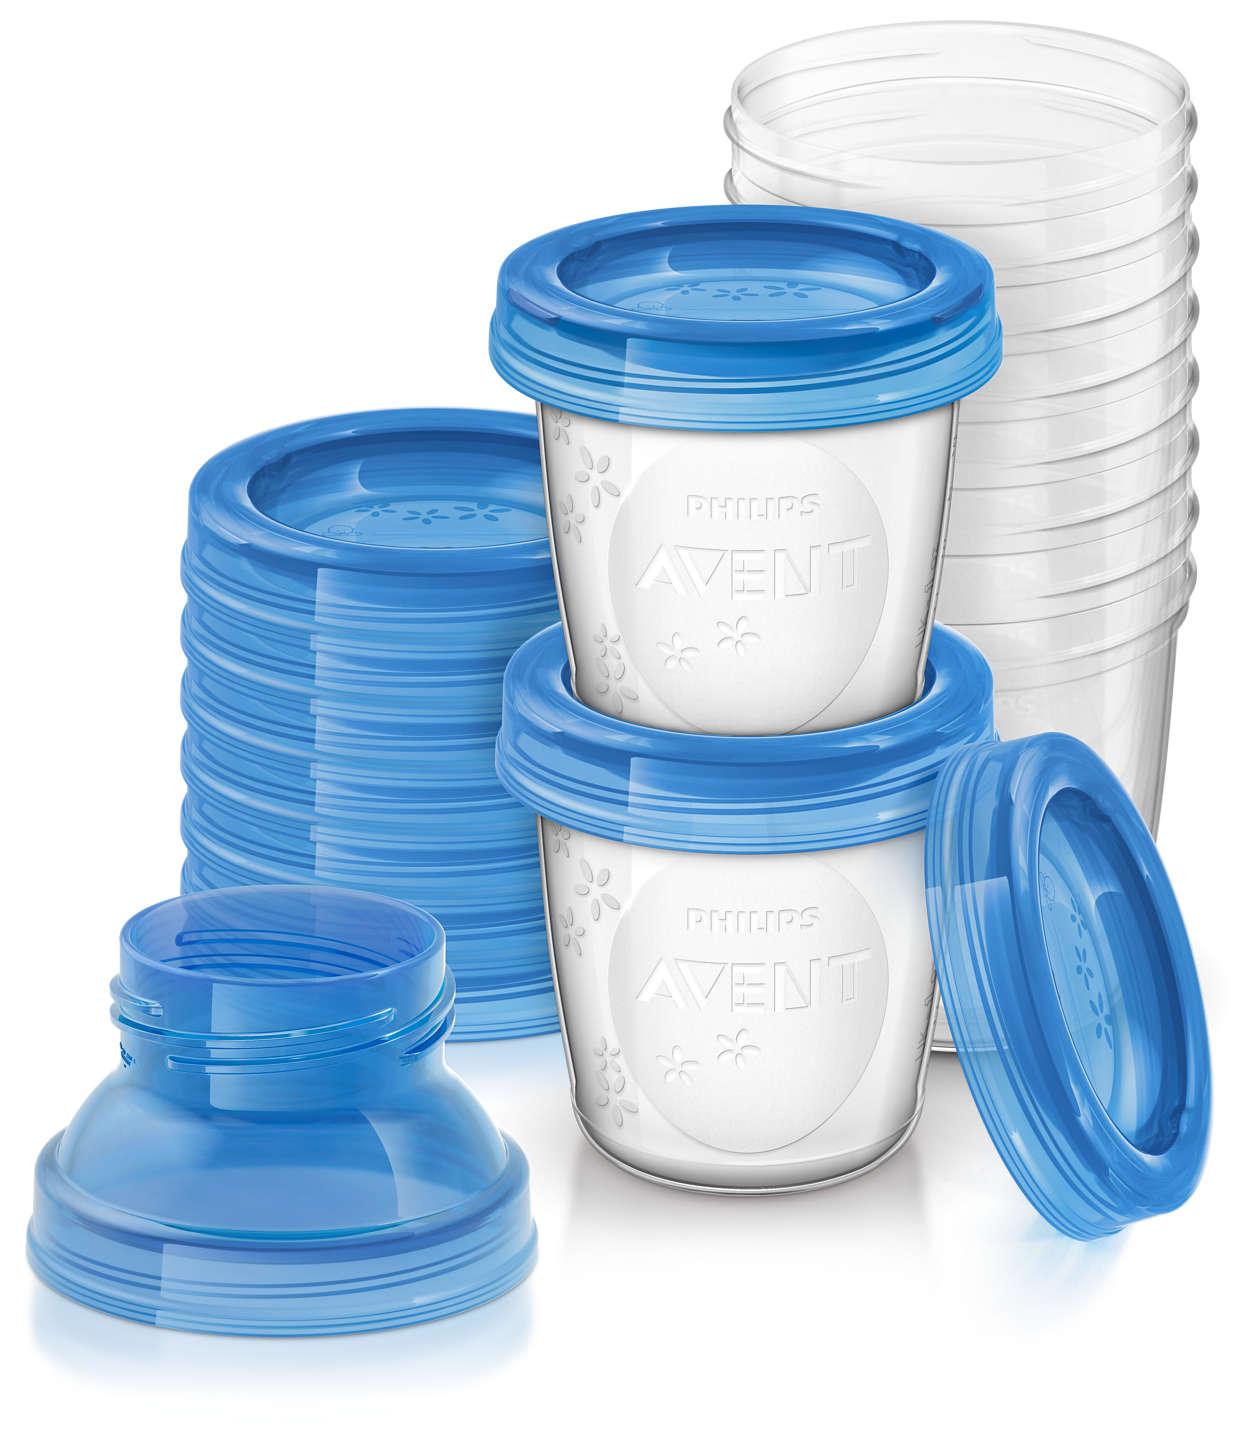 Avent Δοχεία Αποθήκευσης Μητρικού Γάλακτος με Αντάπτορες